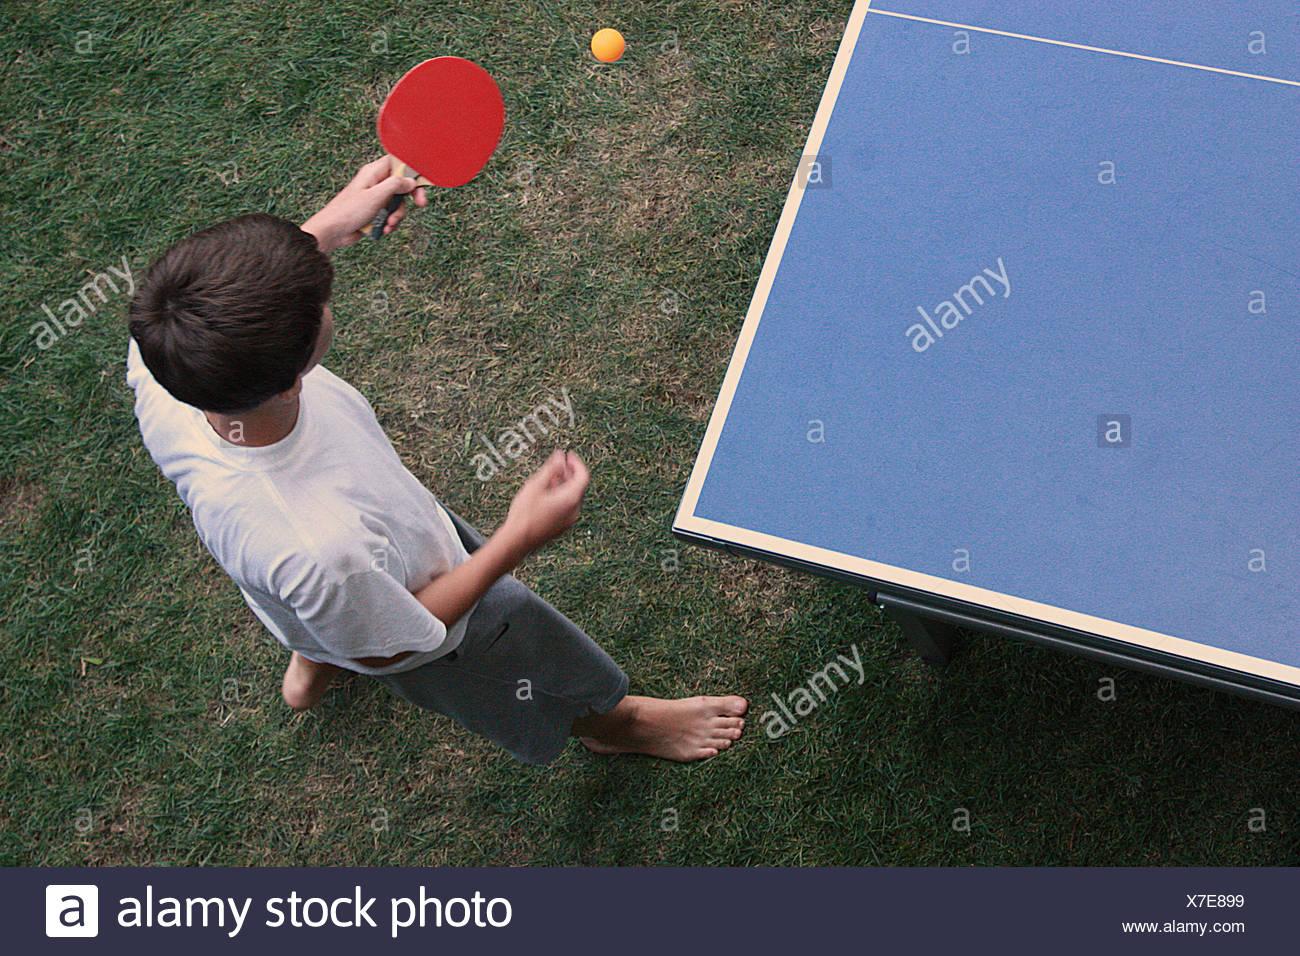 Vista elevada de chico jugando a tenis de mesa Imagen De Stock